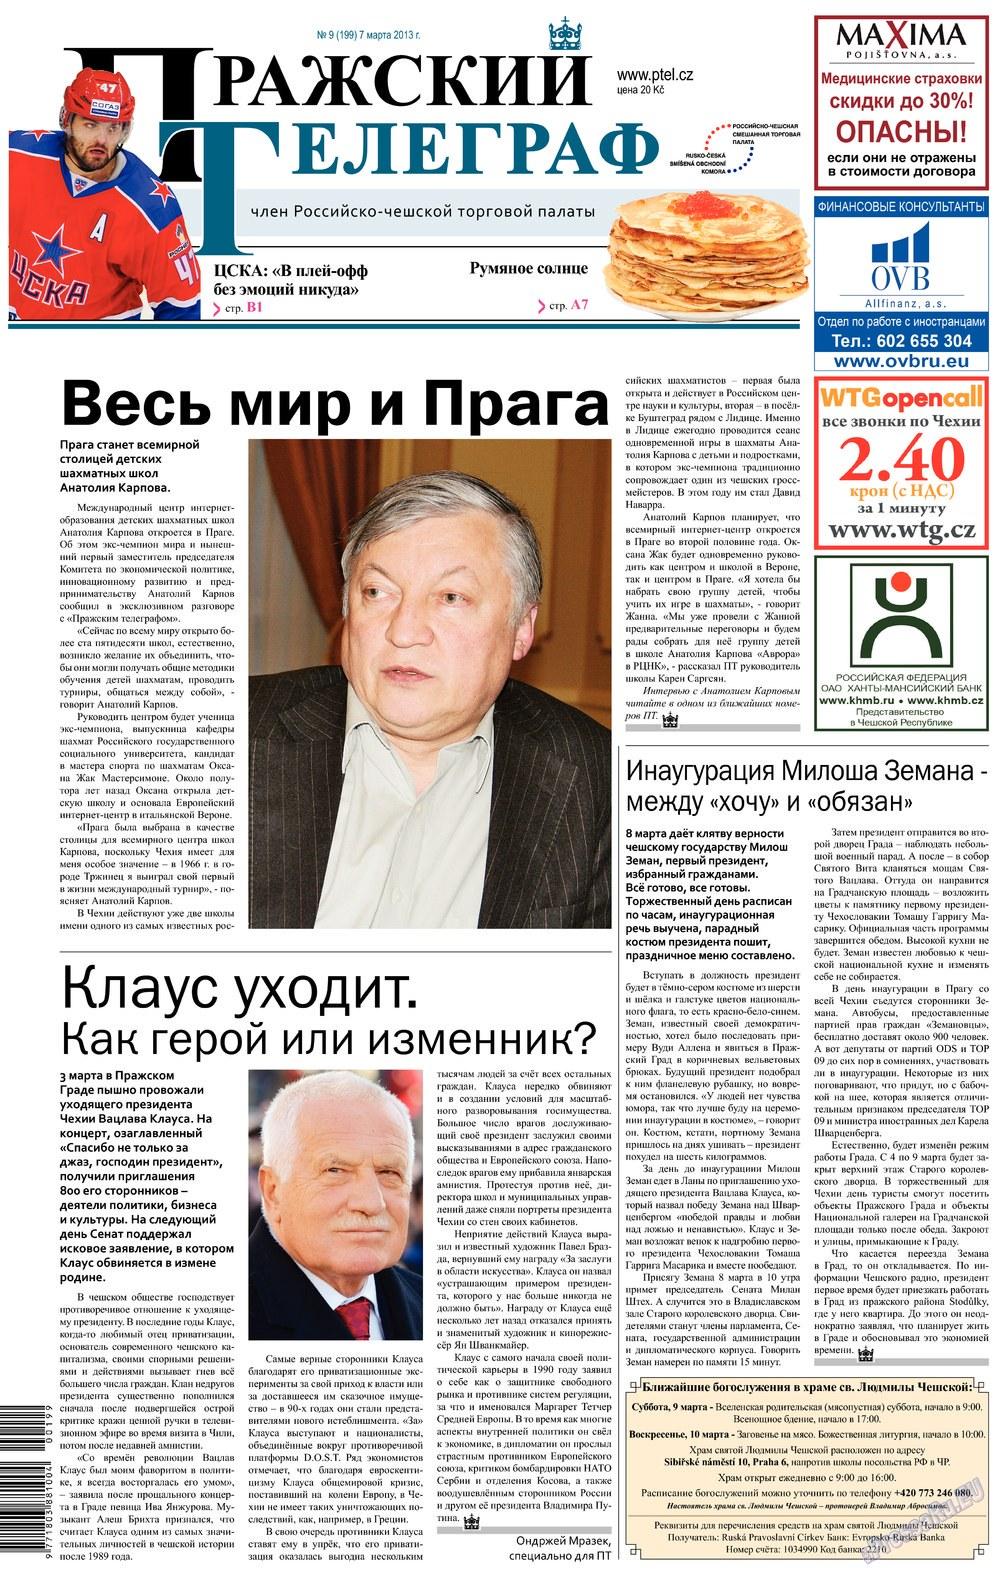 Пражский телеграф (газета). 2013 год, номер 9, стр. 1